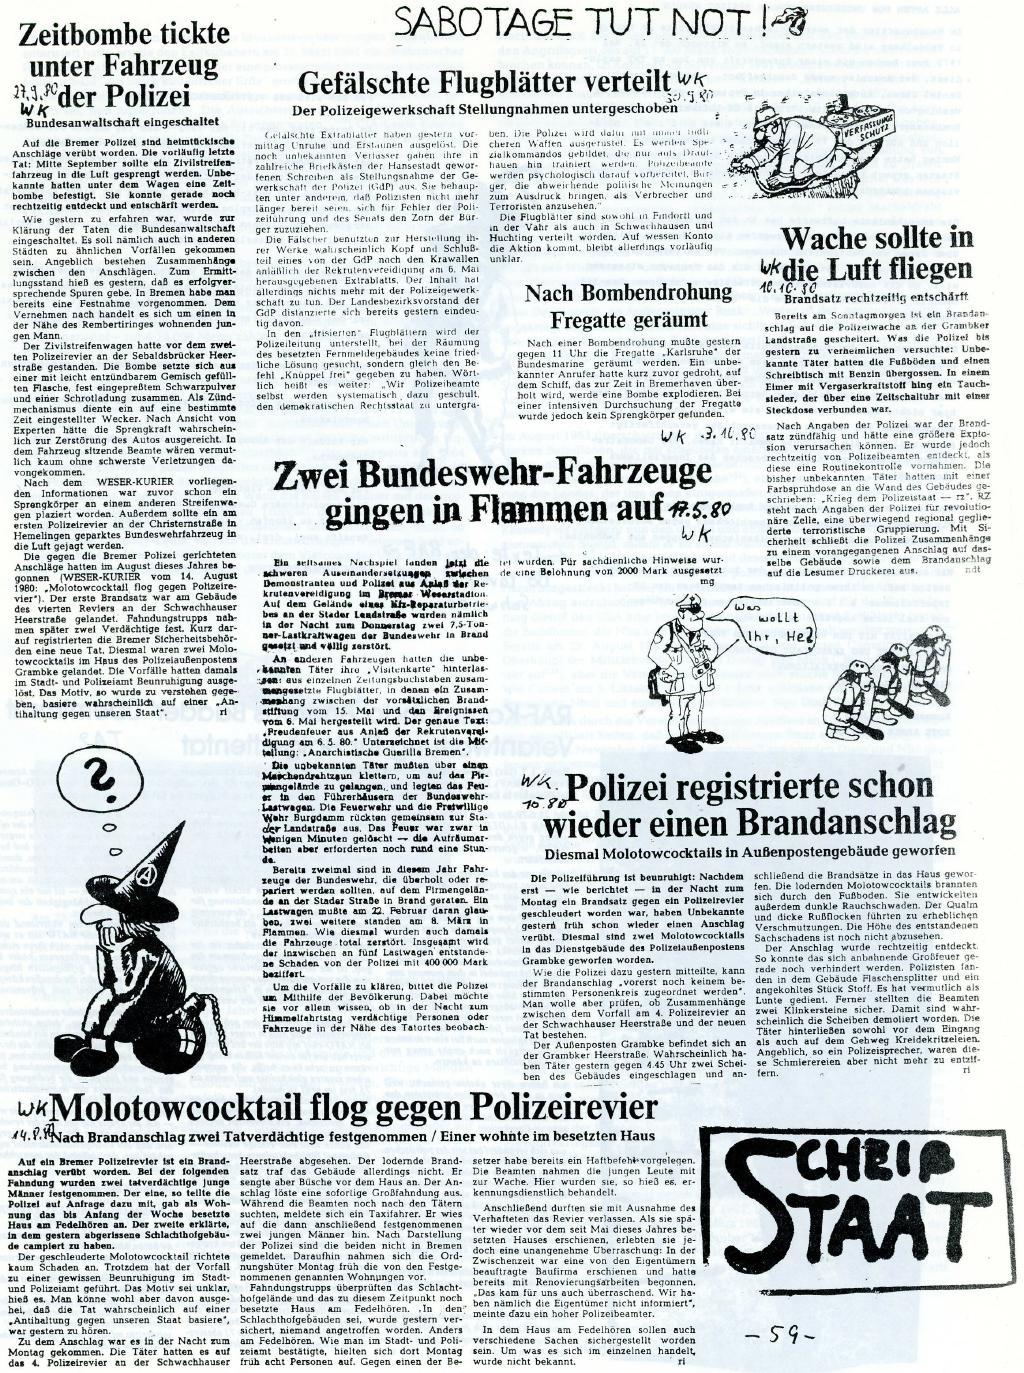 Bremen_1980_NATO_Broschuere_59